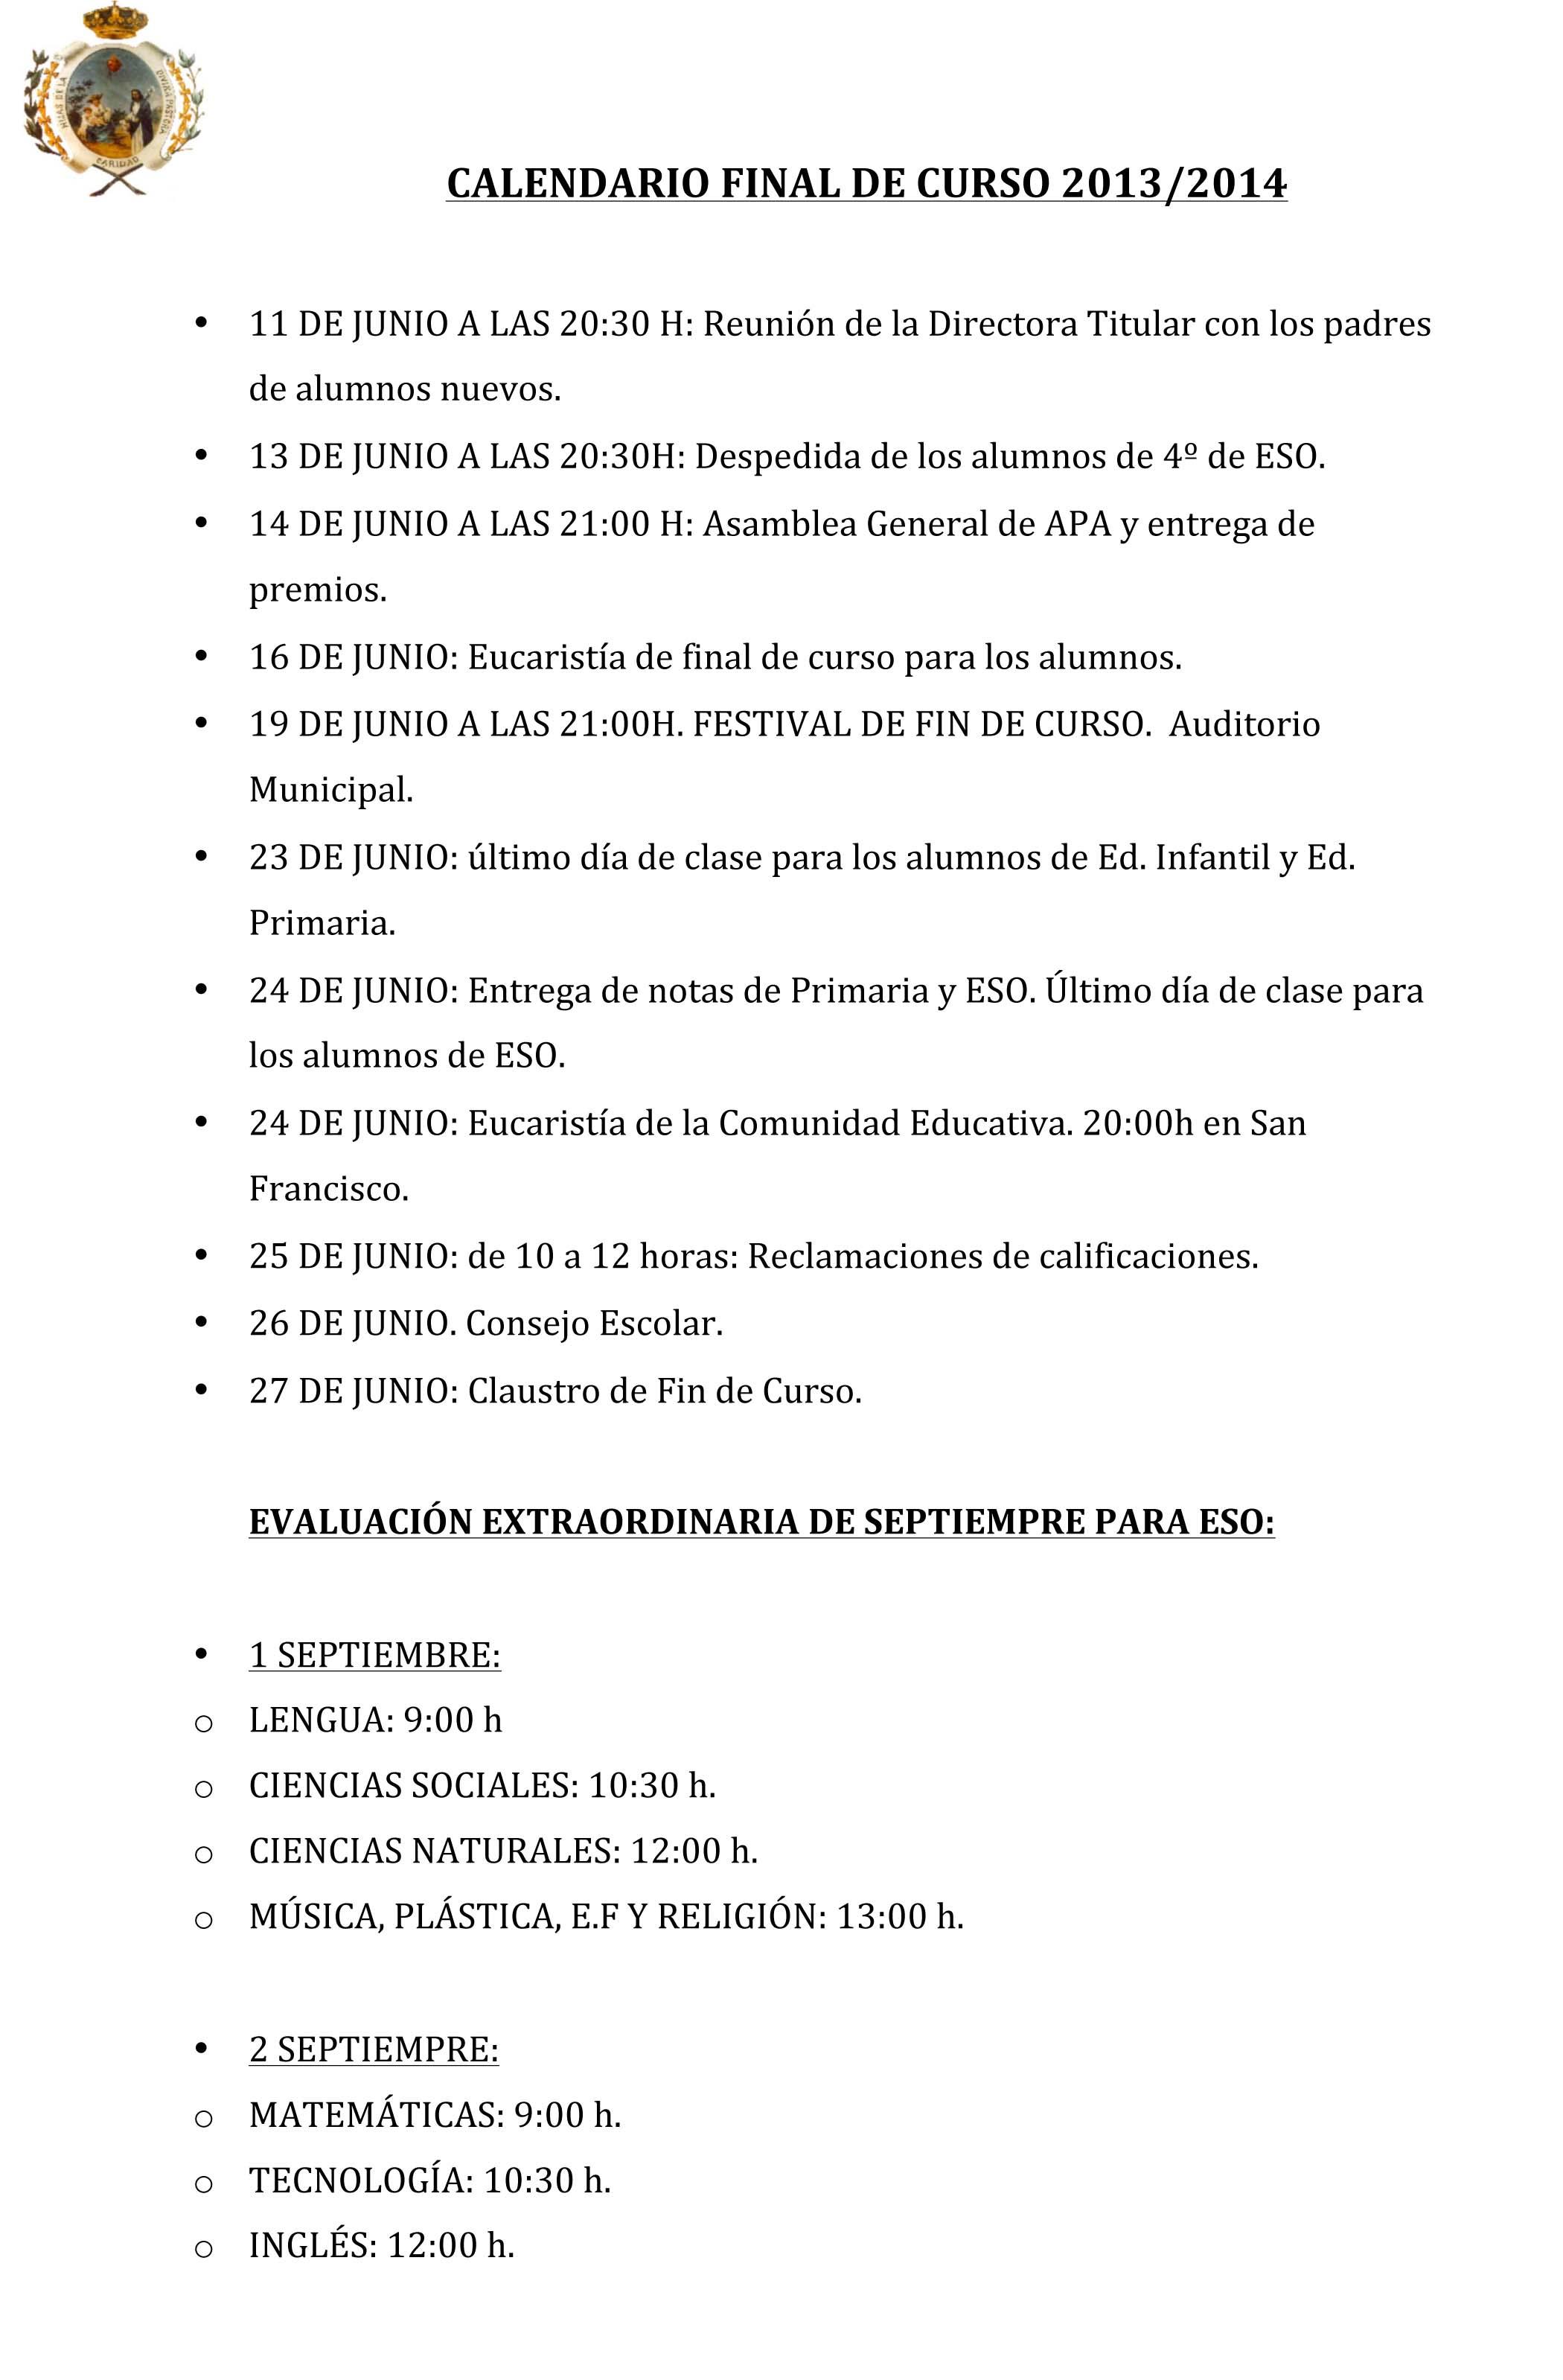 Microsoft Word - CALENDARIO FINAL DE CURSO 2013.docx